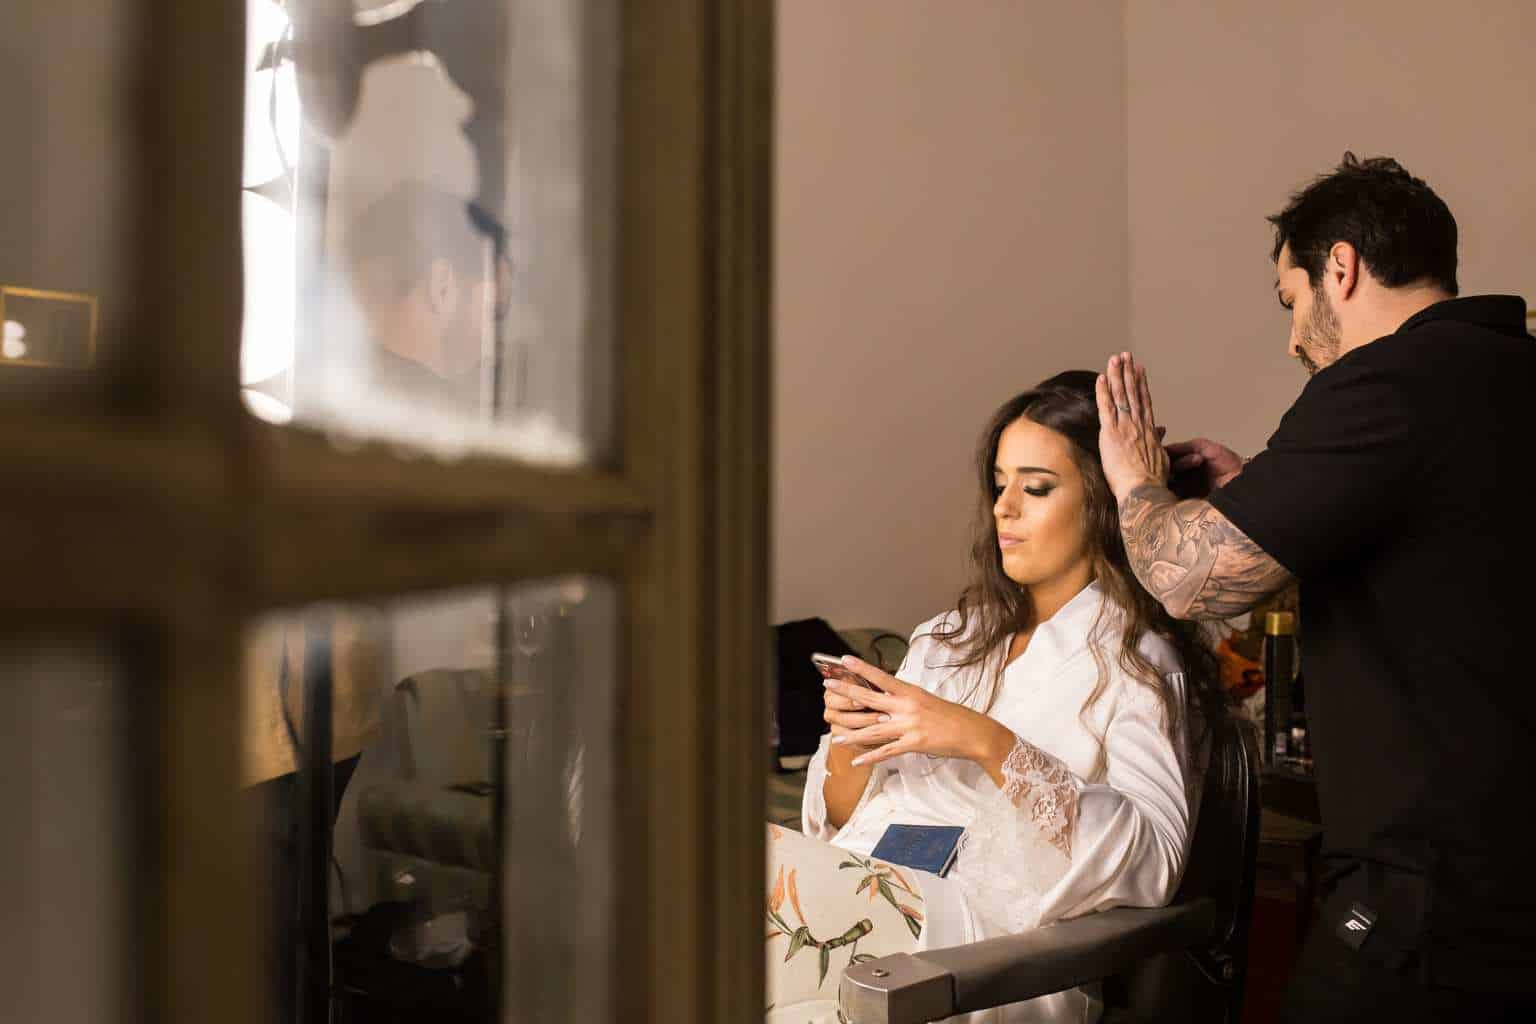 casamento-fernanda-e-leandro-casamento-sp-Fotografia-Produtora-7-casamento-clássico-casamento-tradicional-wedding-10